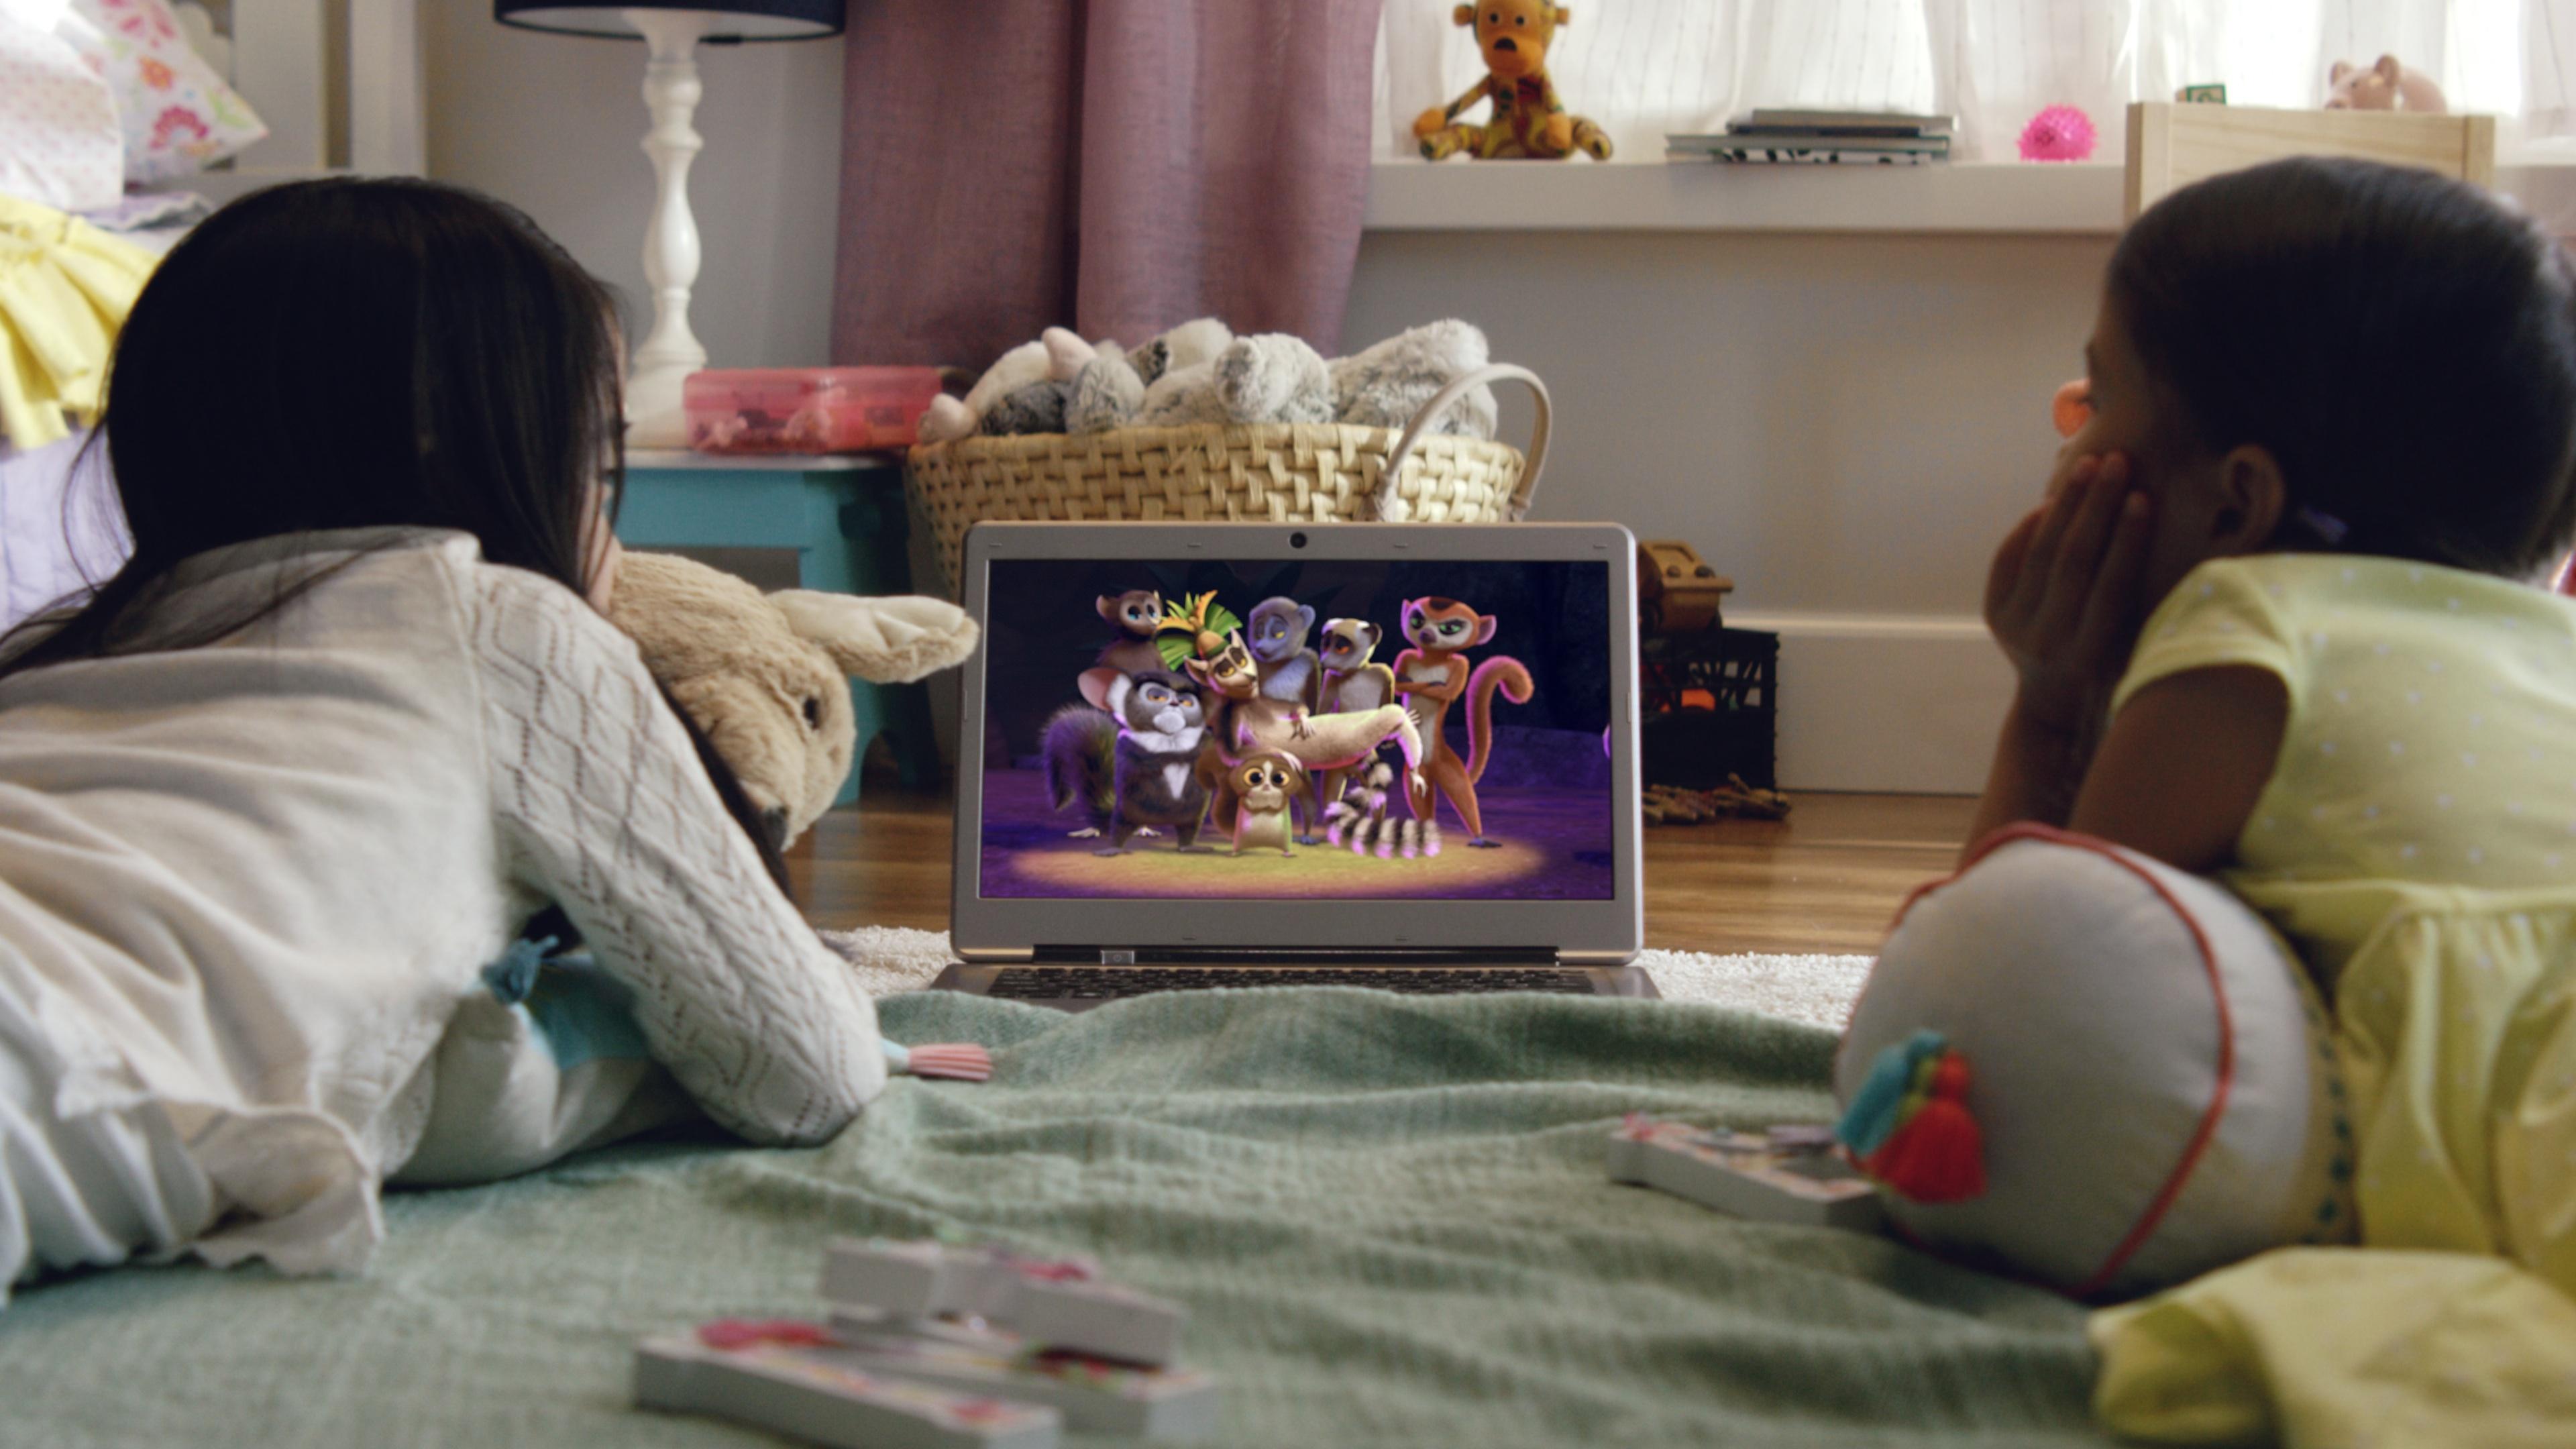 【比較】おすすめの動画配信サービスって?Hulu・Netflix・U-NEXT・dTVなどの特徴や違い!